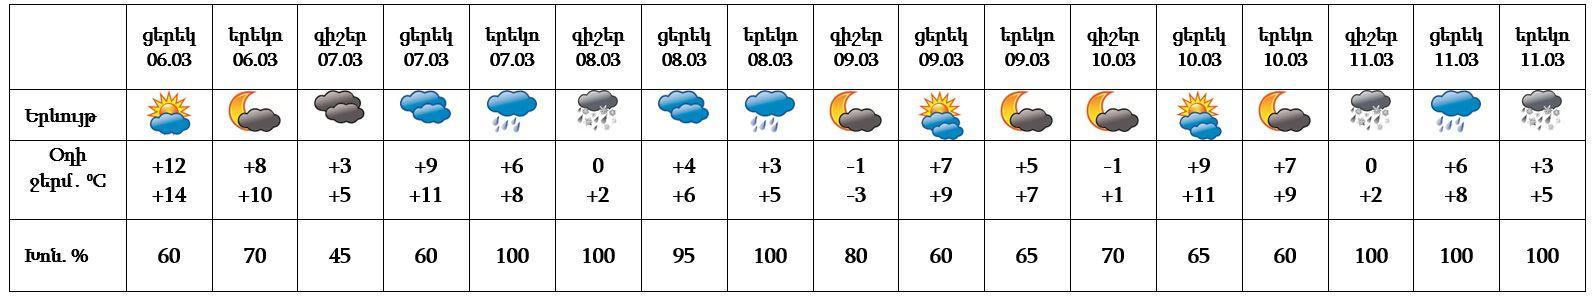 Օդի ջերմաստիճանը կնվազի. եղանակը Հայաստանում ու Արցախում